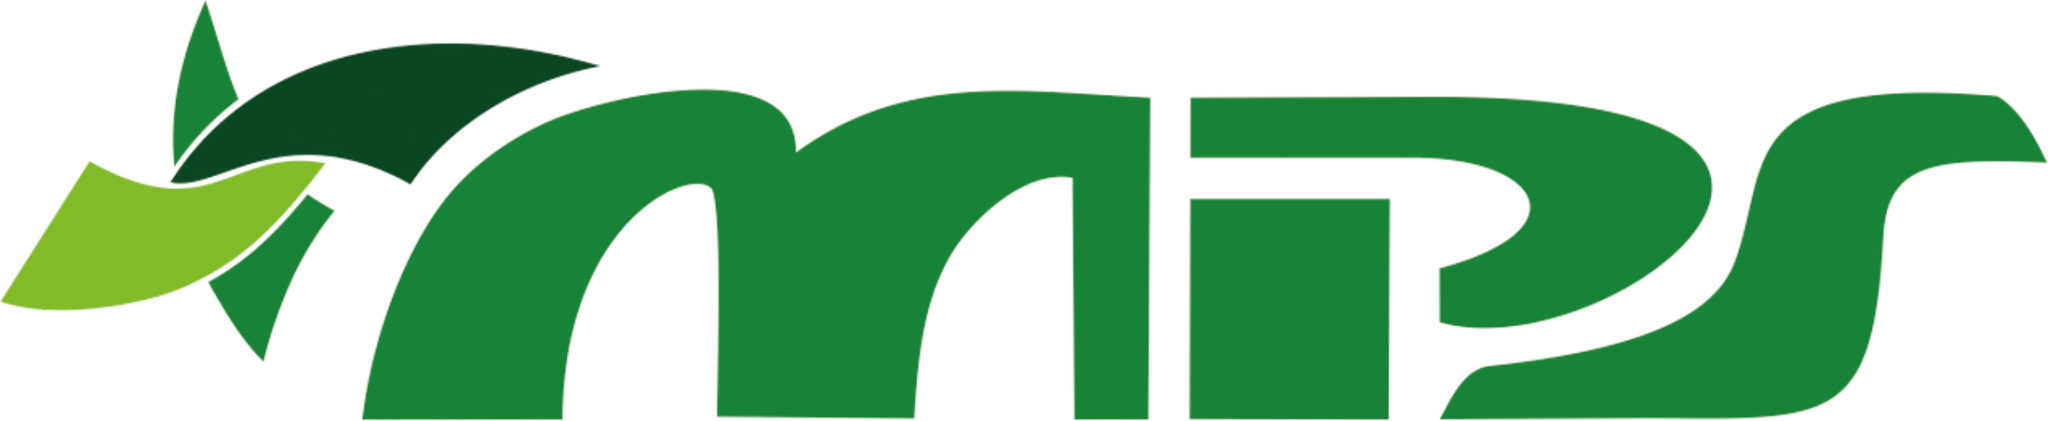 logo bez tła-1